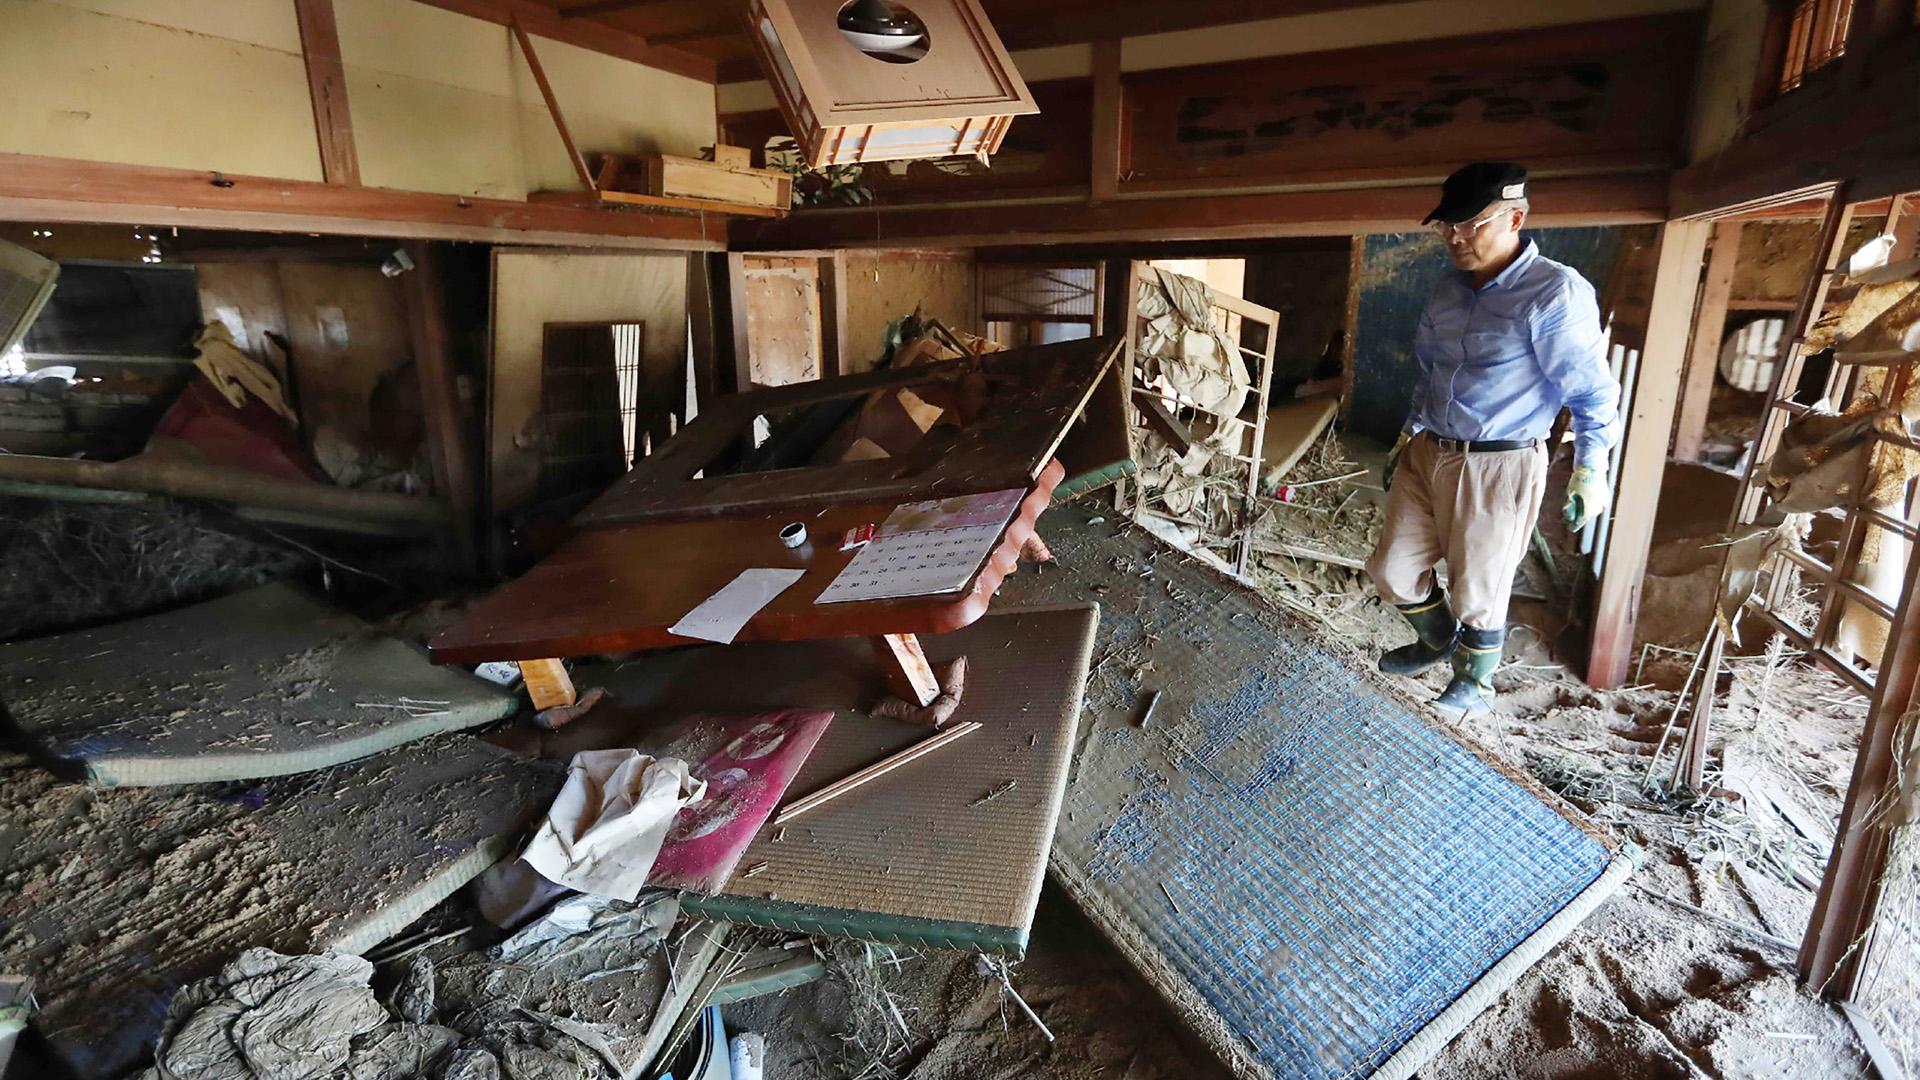 Los impactados residentes regresaron a sus enlodadas viviendas sin saber bien por dónde empezar las tareas de recuperación y limpieza dada la magnitud de los daños causados por las inundaciones y los deslaves